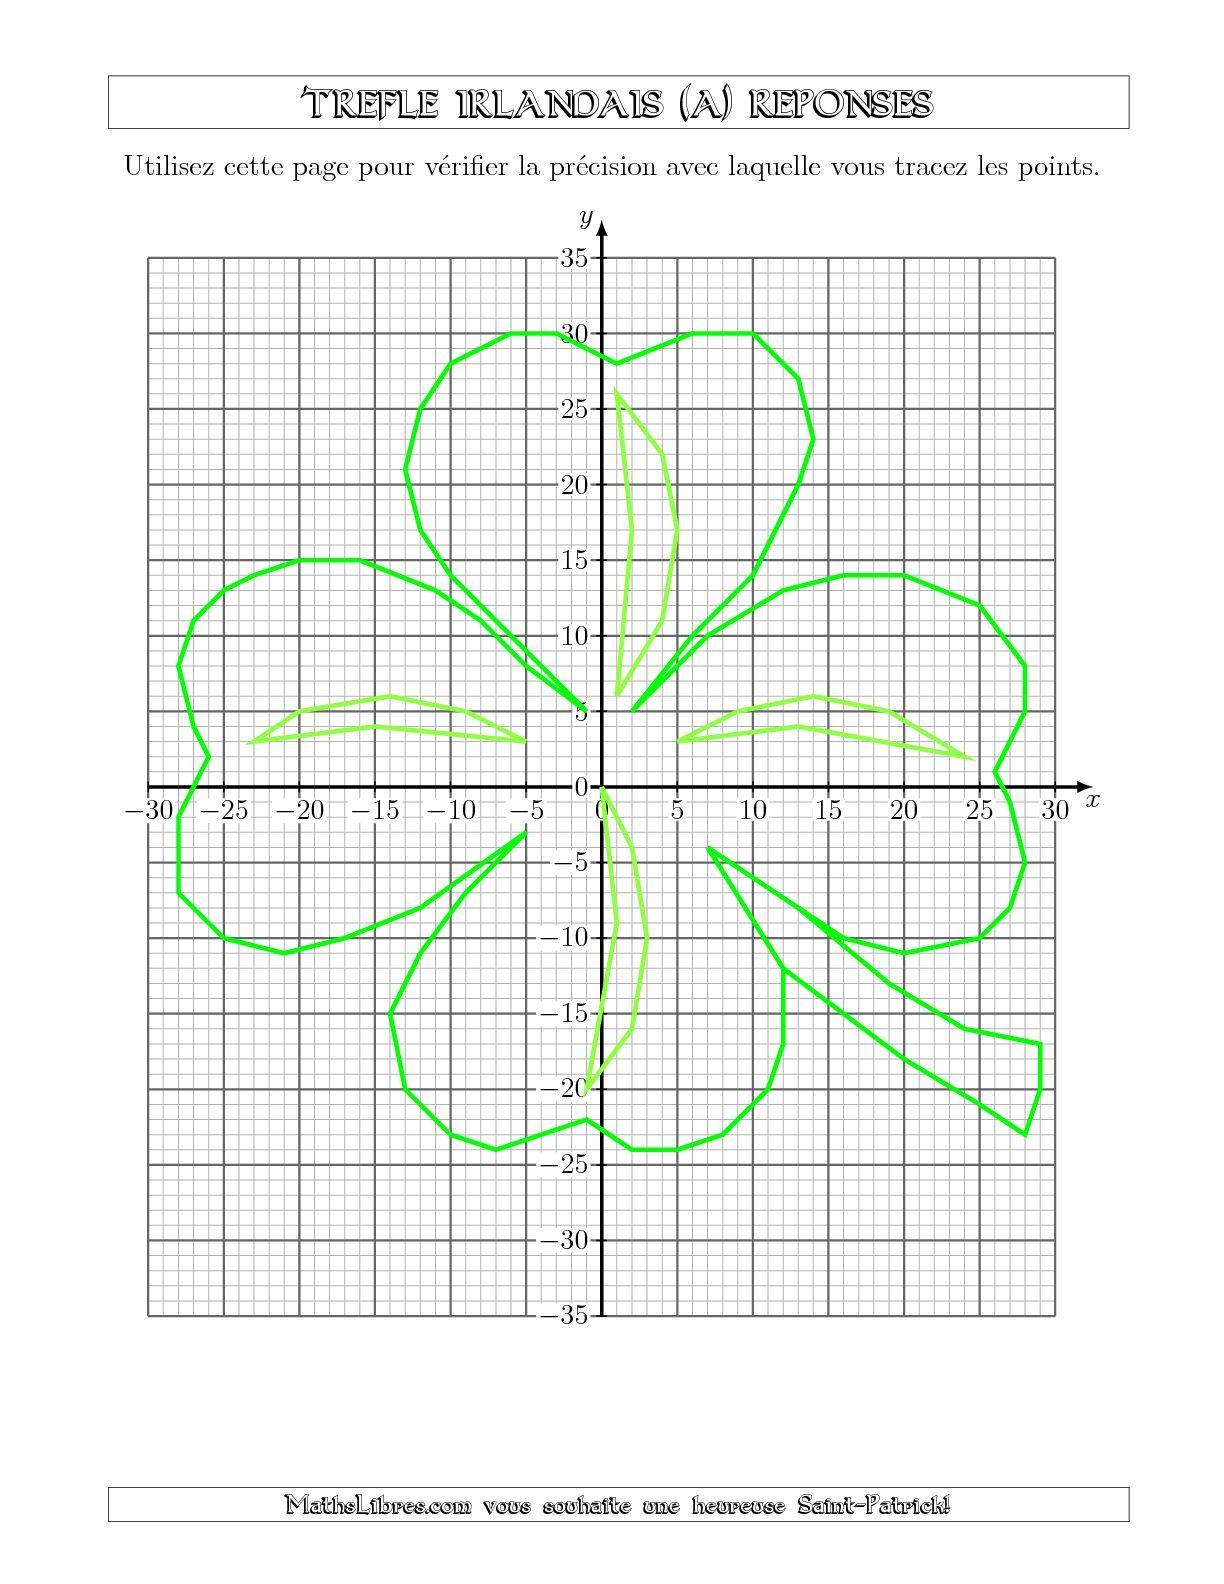 Plan Cartesien D Un Trefle Irlandais A Mathslibres